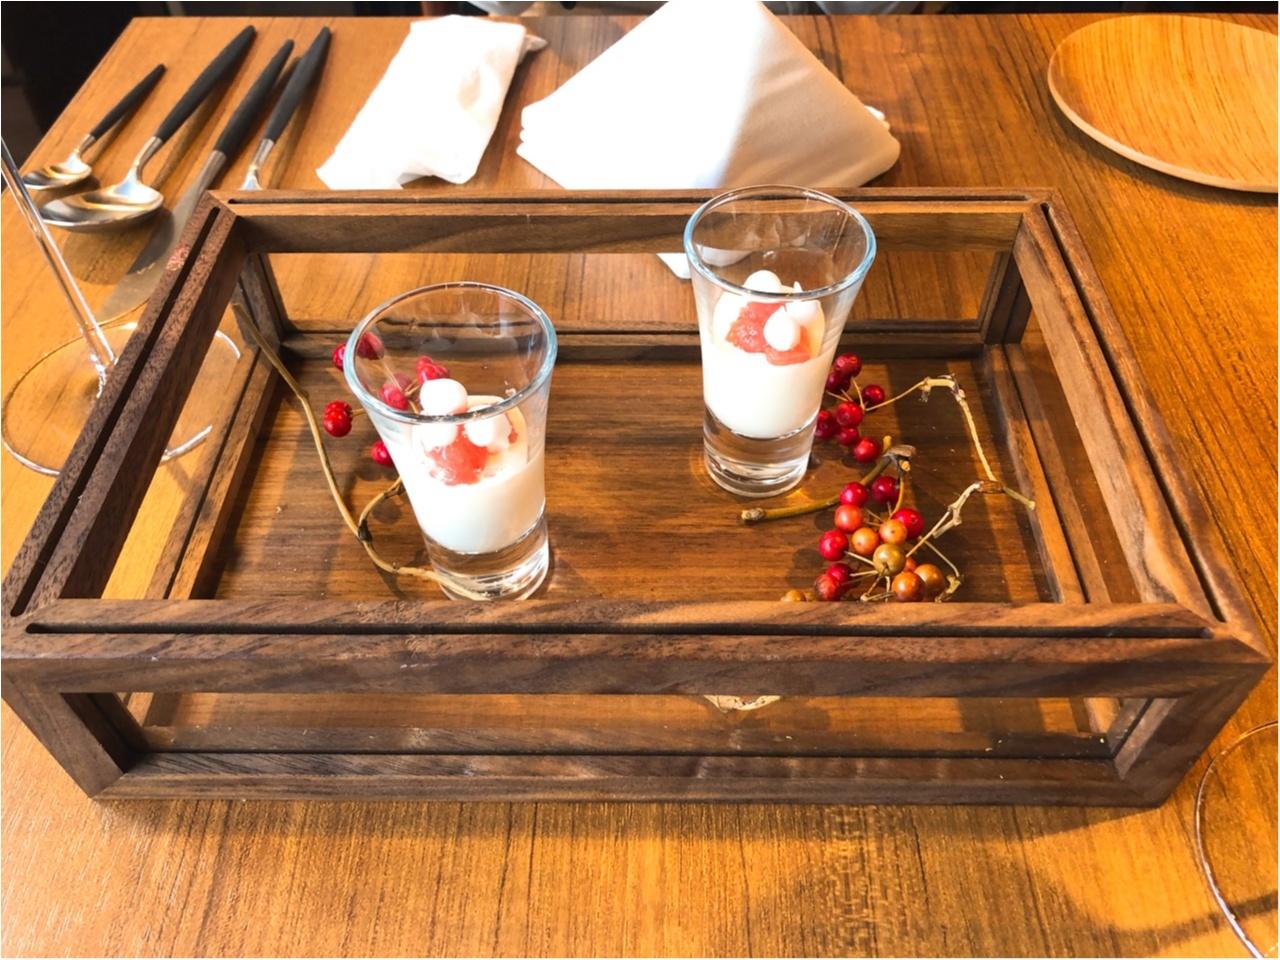 休日のちょっと贅沢ランチは恵比寿にあるお肉の名店『HUGO DESNOYER(ユーゴ・デノワイエ)』へ!!_2